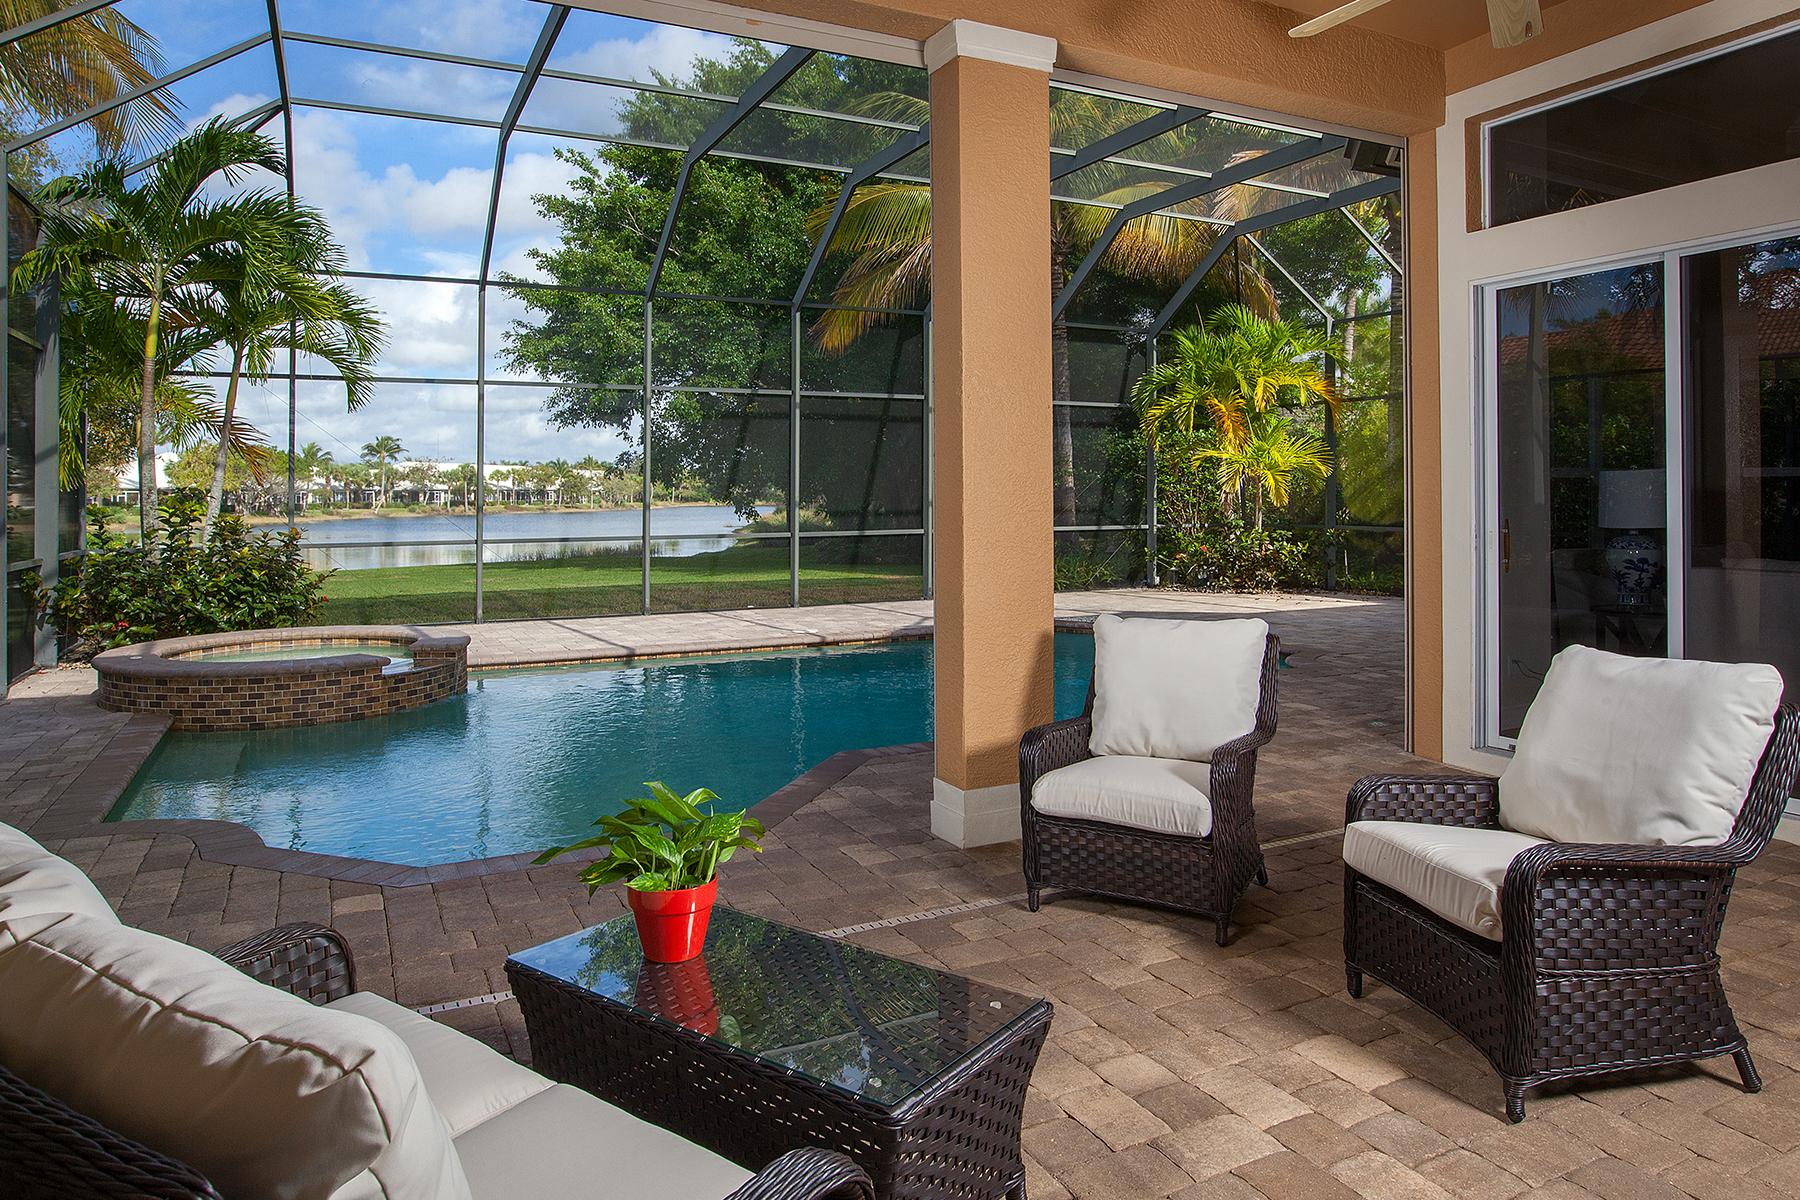 Частный односемейный дом для того Продажа на FIDDLER'S CREEK - MULBERRY ROW 7669 Mulberry Ct Naples, Флорида, 34114 Соединенные Штаты